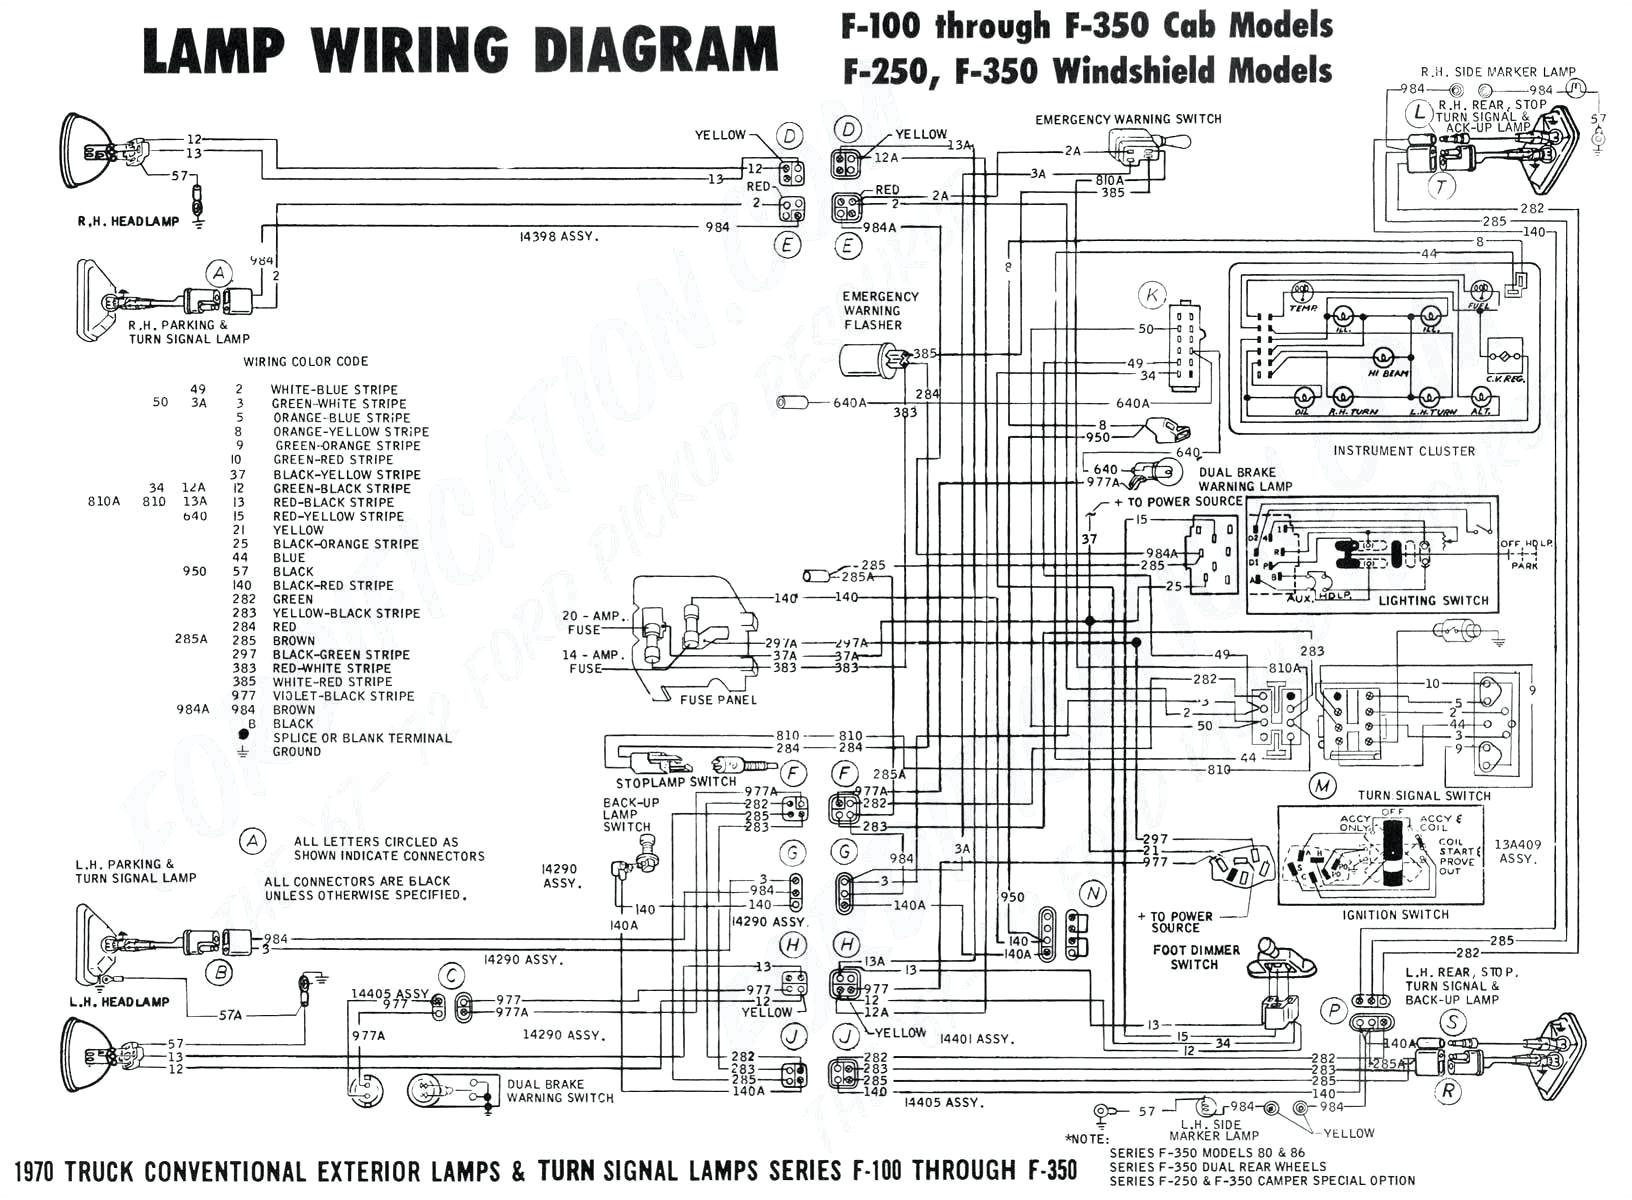 honda fuses diagram free download wiring diagrams ments diagrams moreover 89 honda civic fuse diagram free download wiring